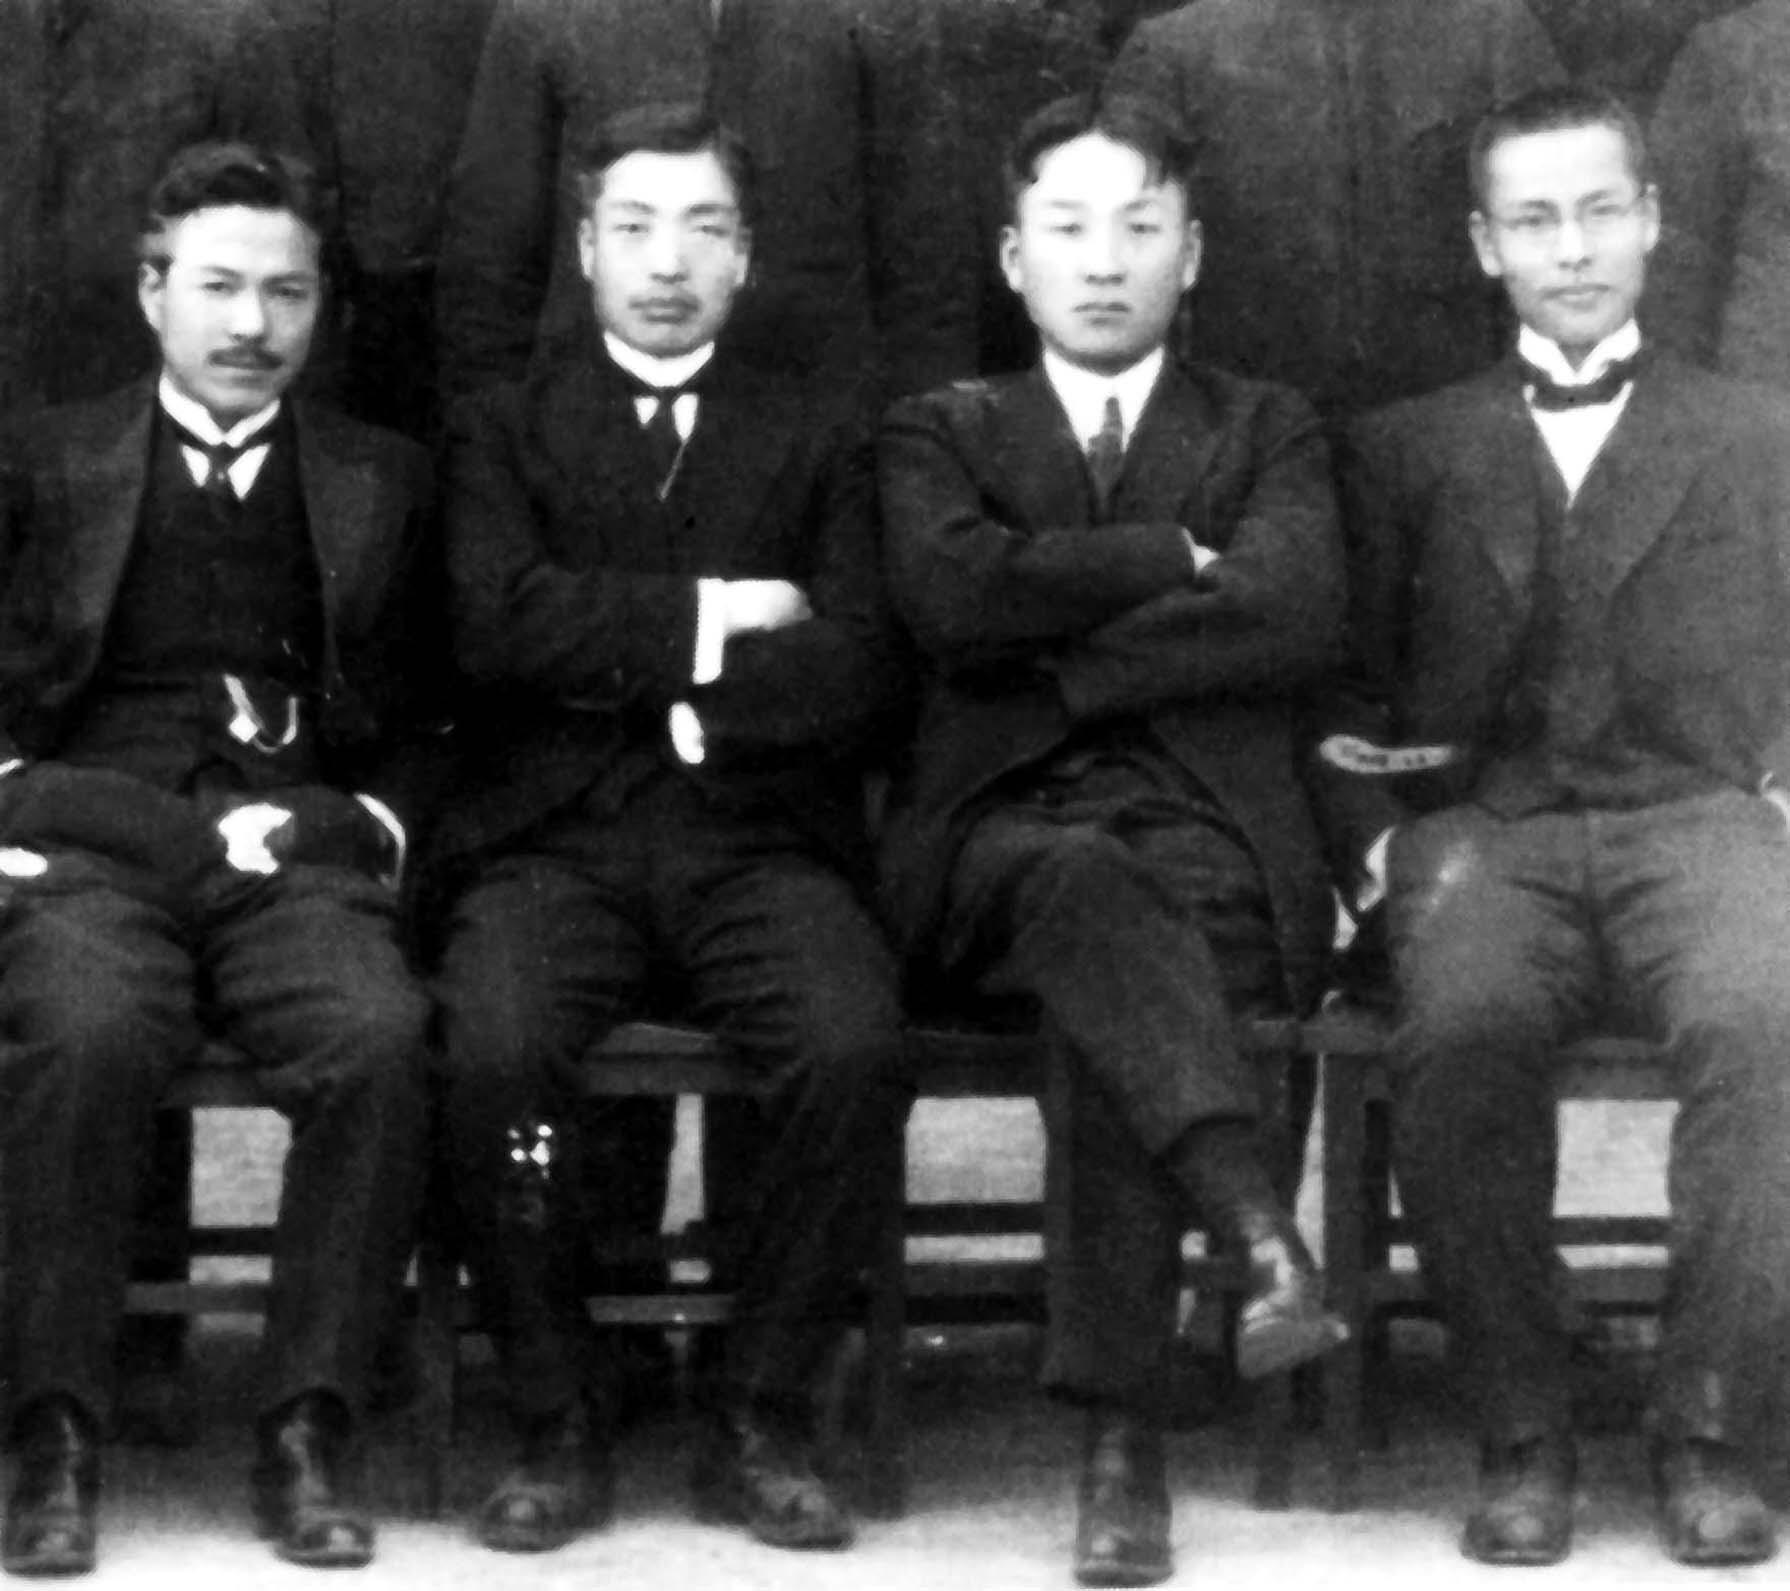 1922년3월18일 中央高普 제1회 졸업기념사진. 왼쪽부터 김성수, 최두선, 송진우, 현상윤.